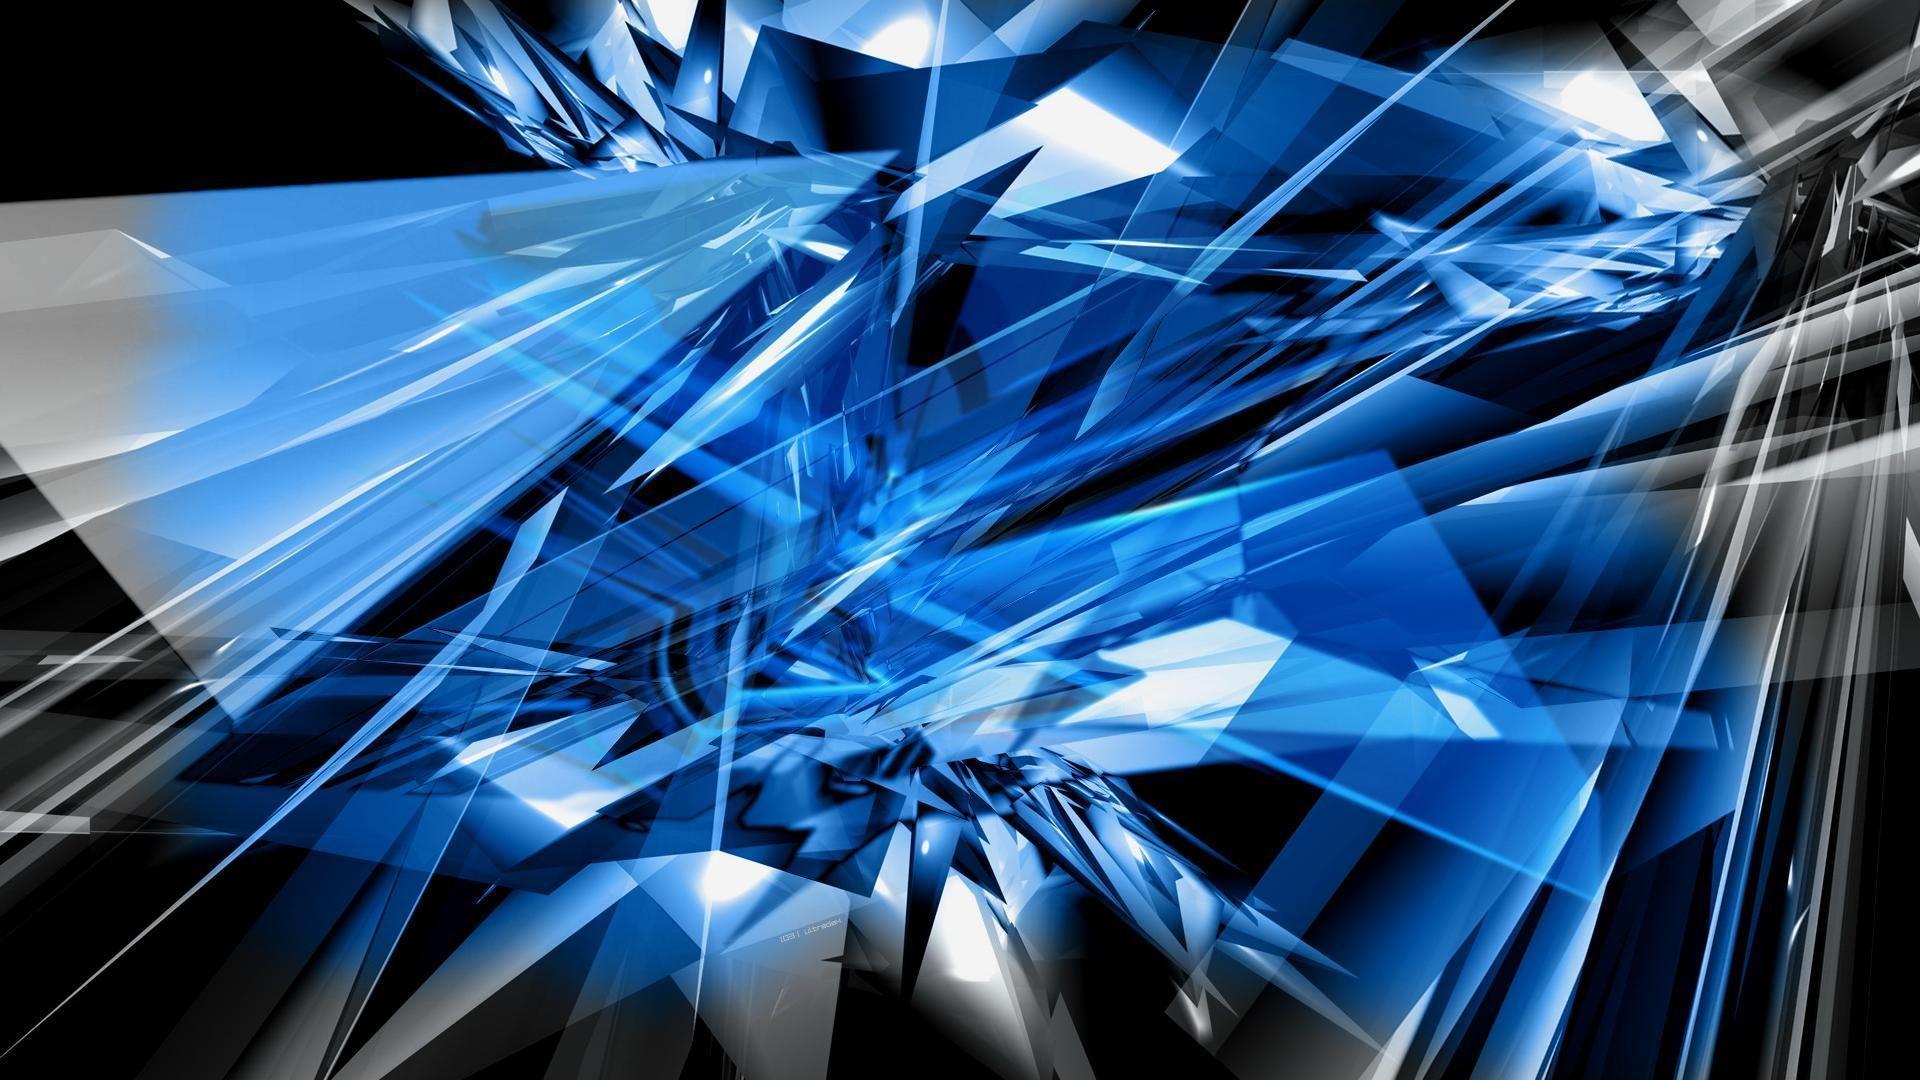 Blue Design Desktop Wallpapers Top Free Blue Design Desktop Backgrounds Wallpaperaccess